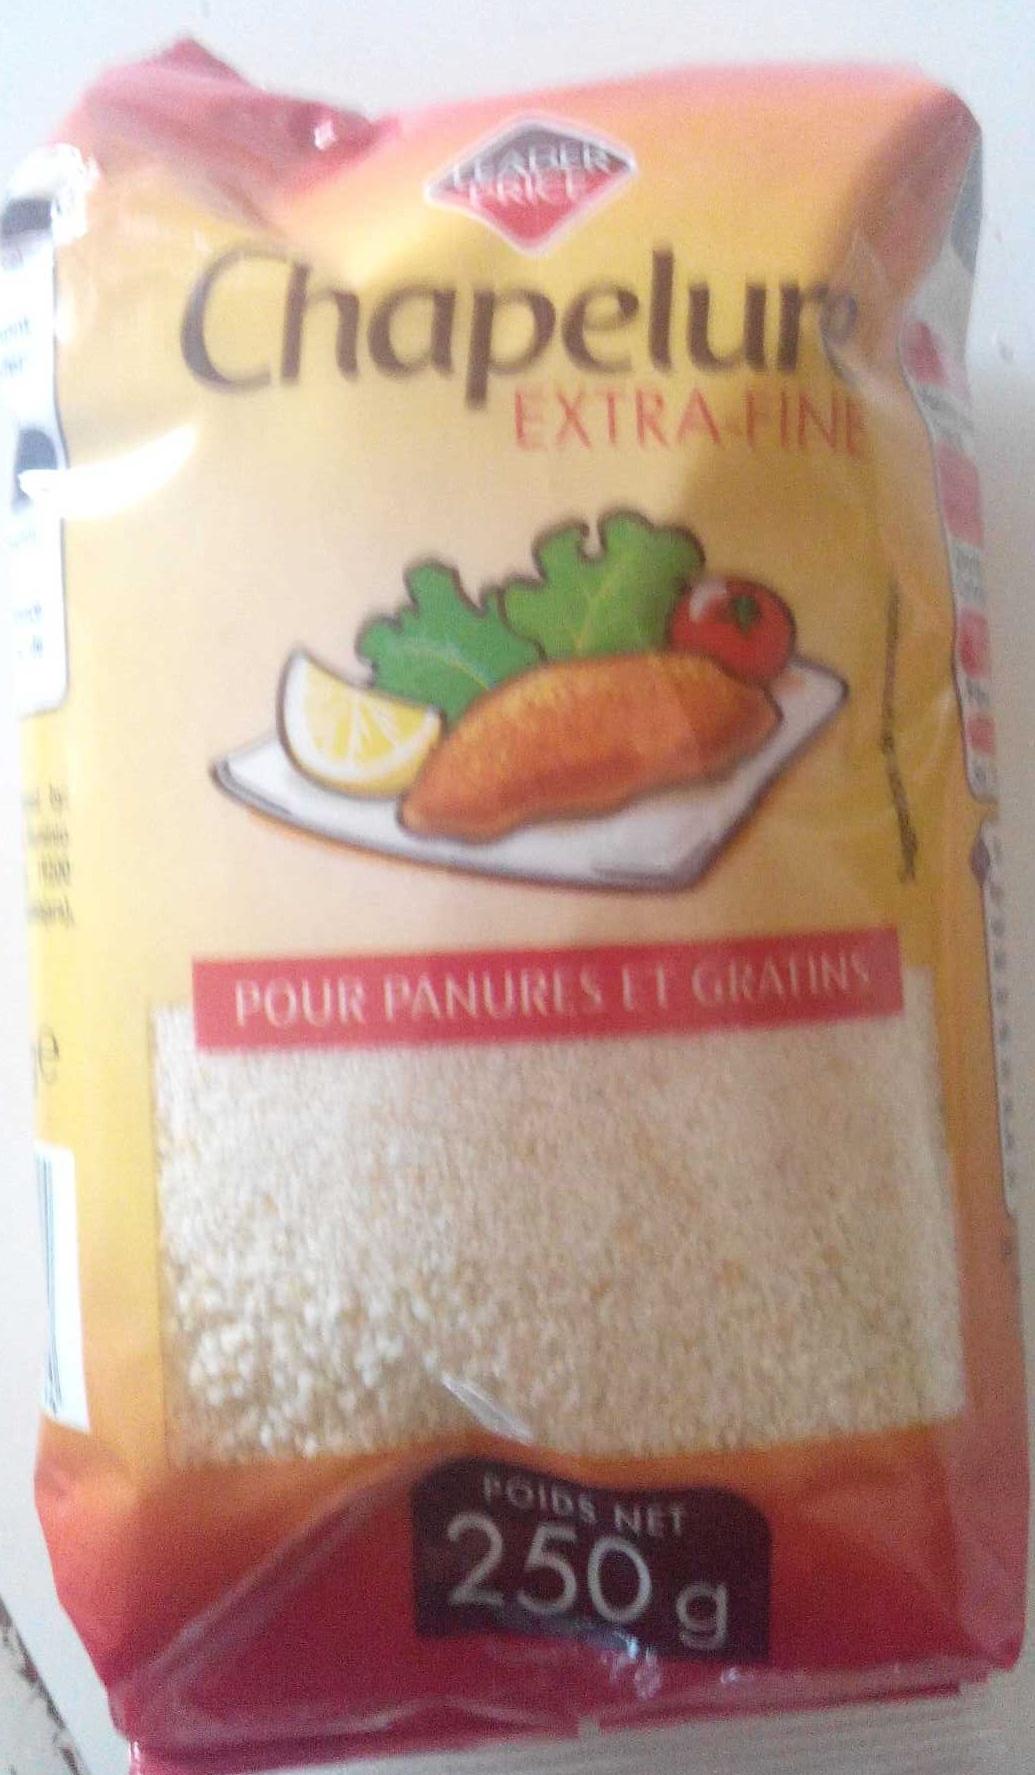 Chapelure extra-fine - Produit